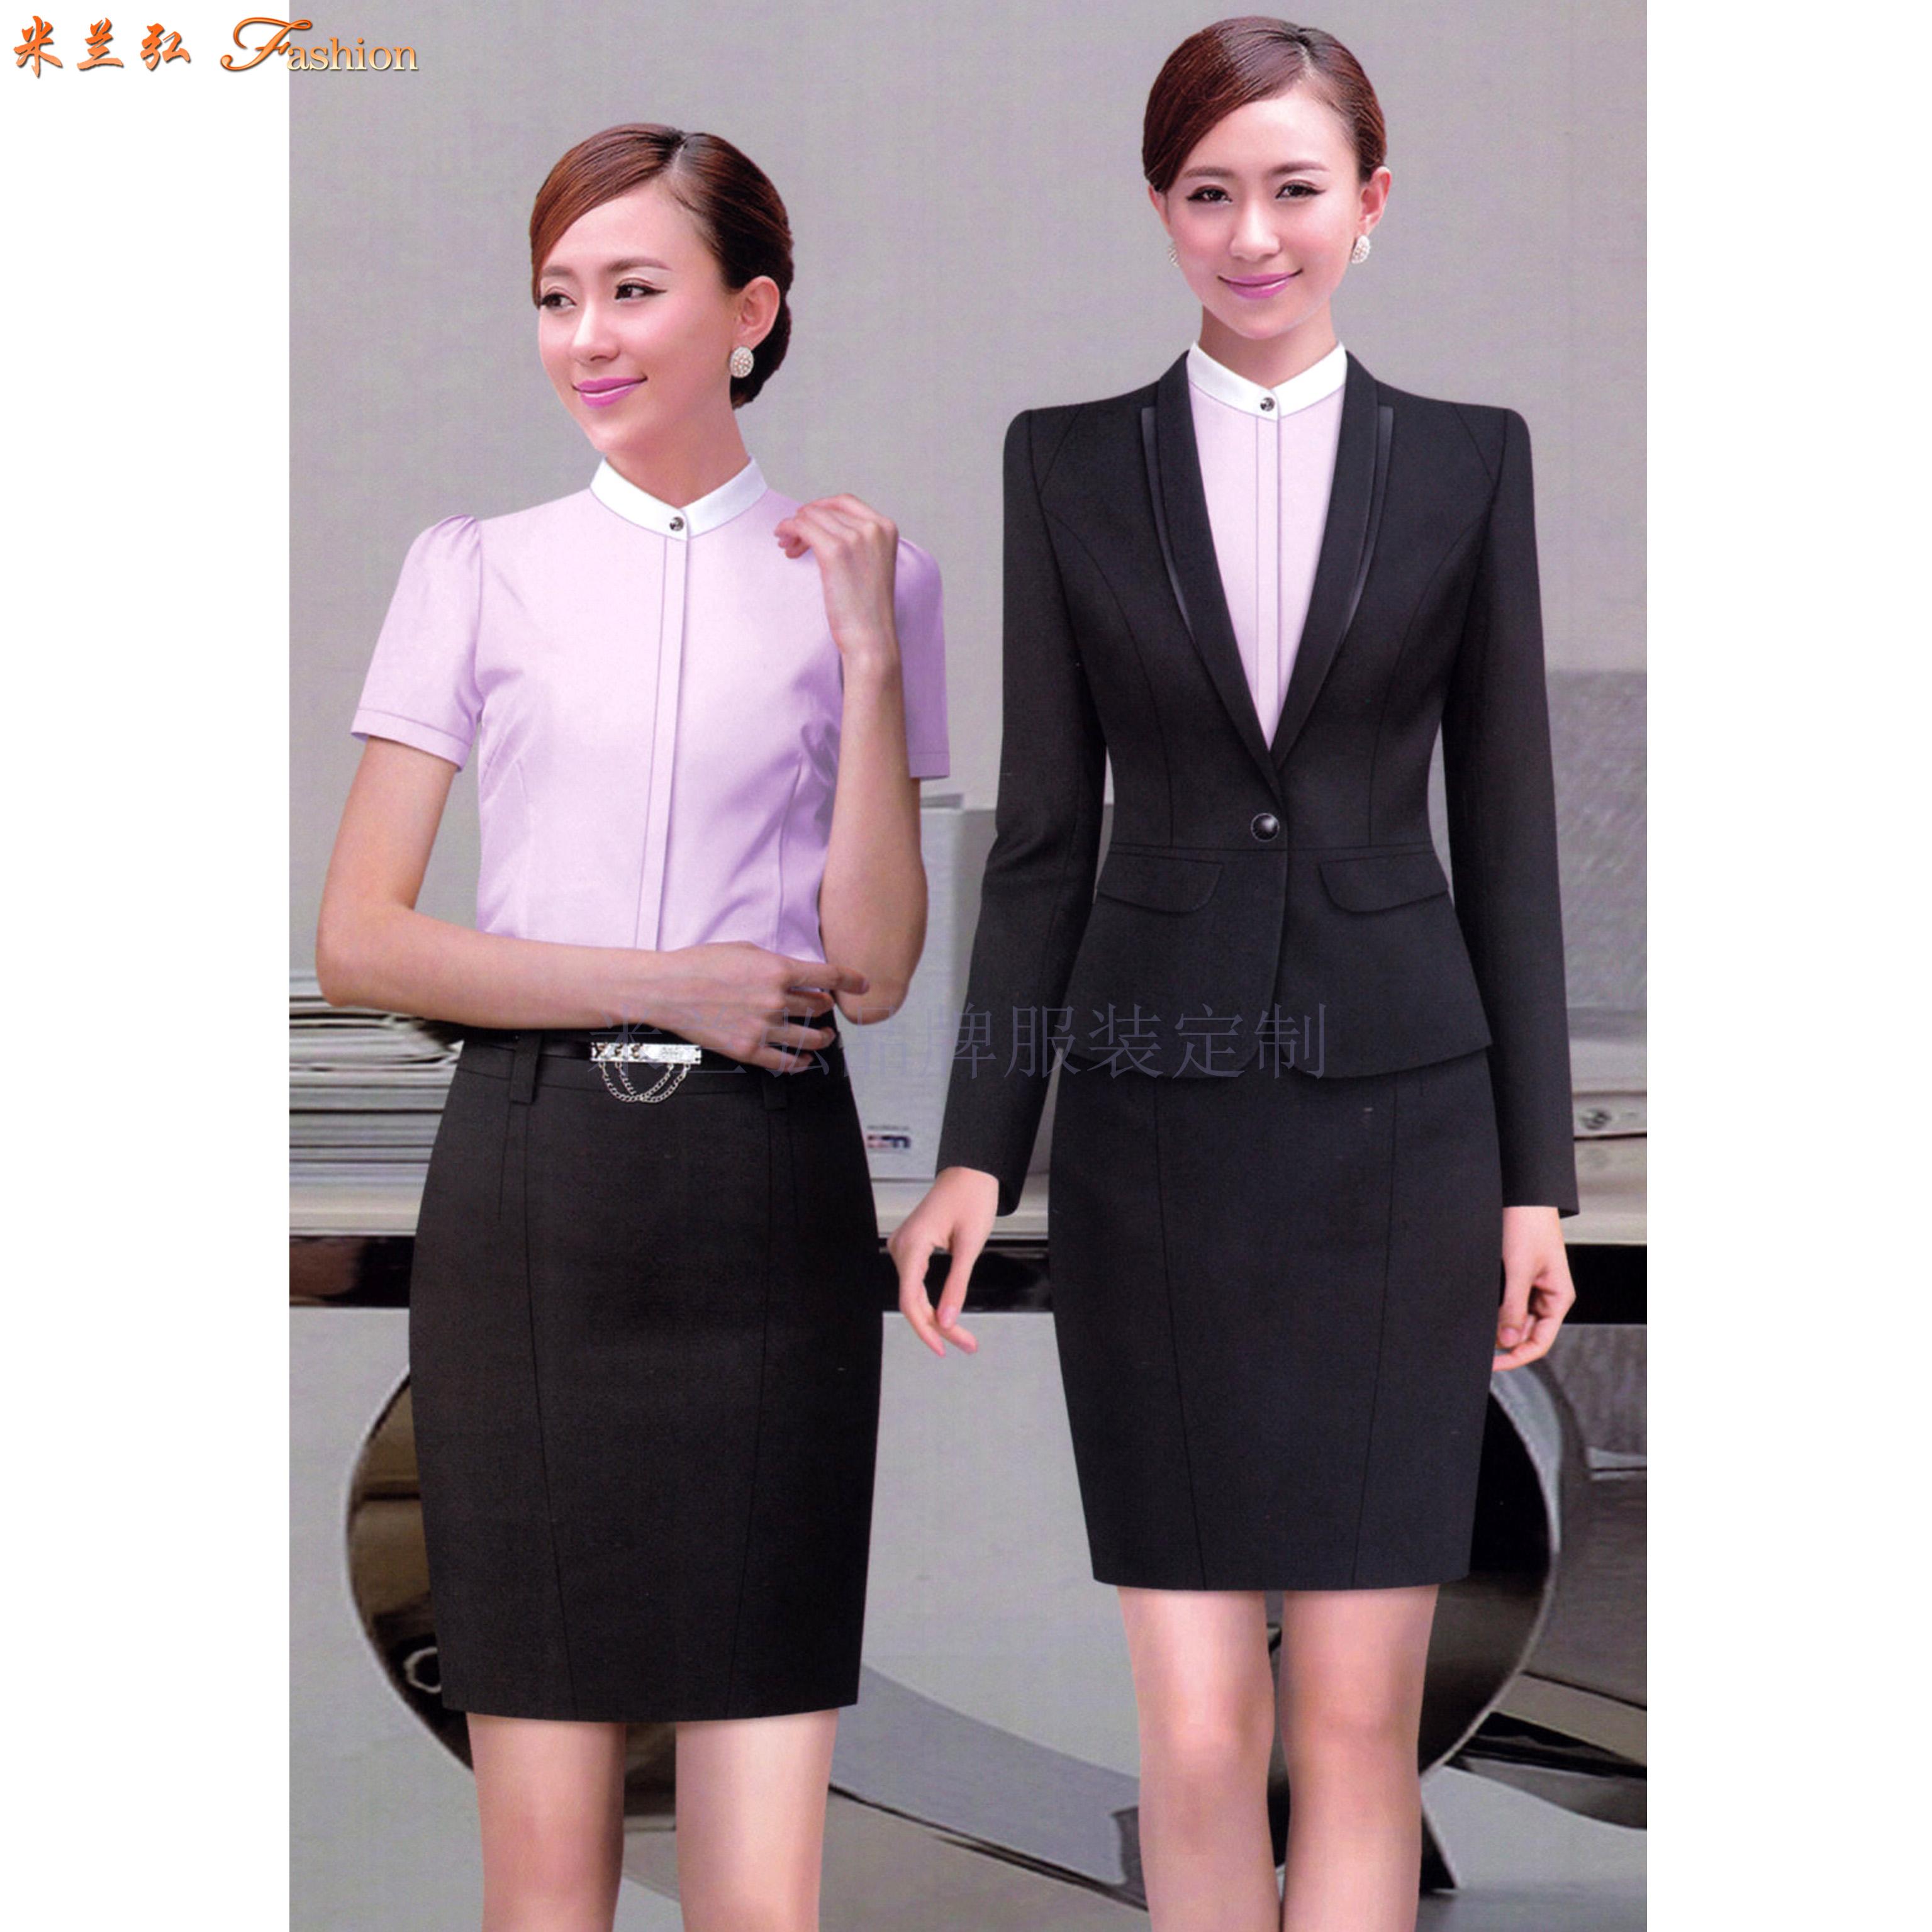 江西西服定制-品牌羊毛西服訂做價格-米蘭弘服裝-3